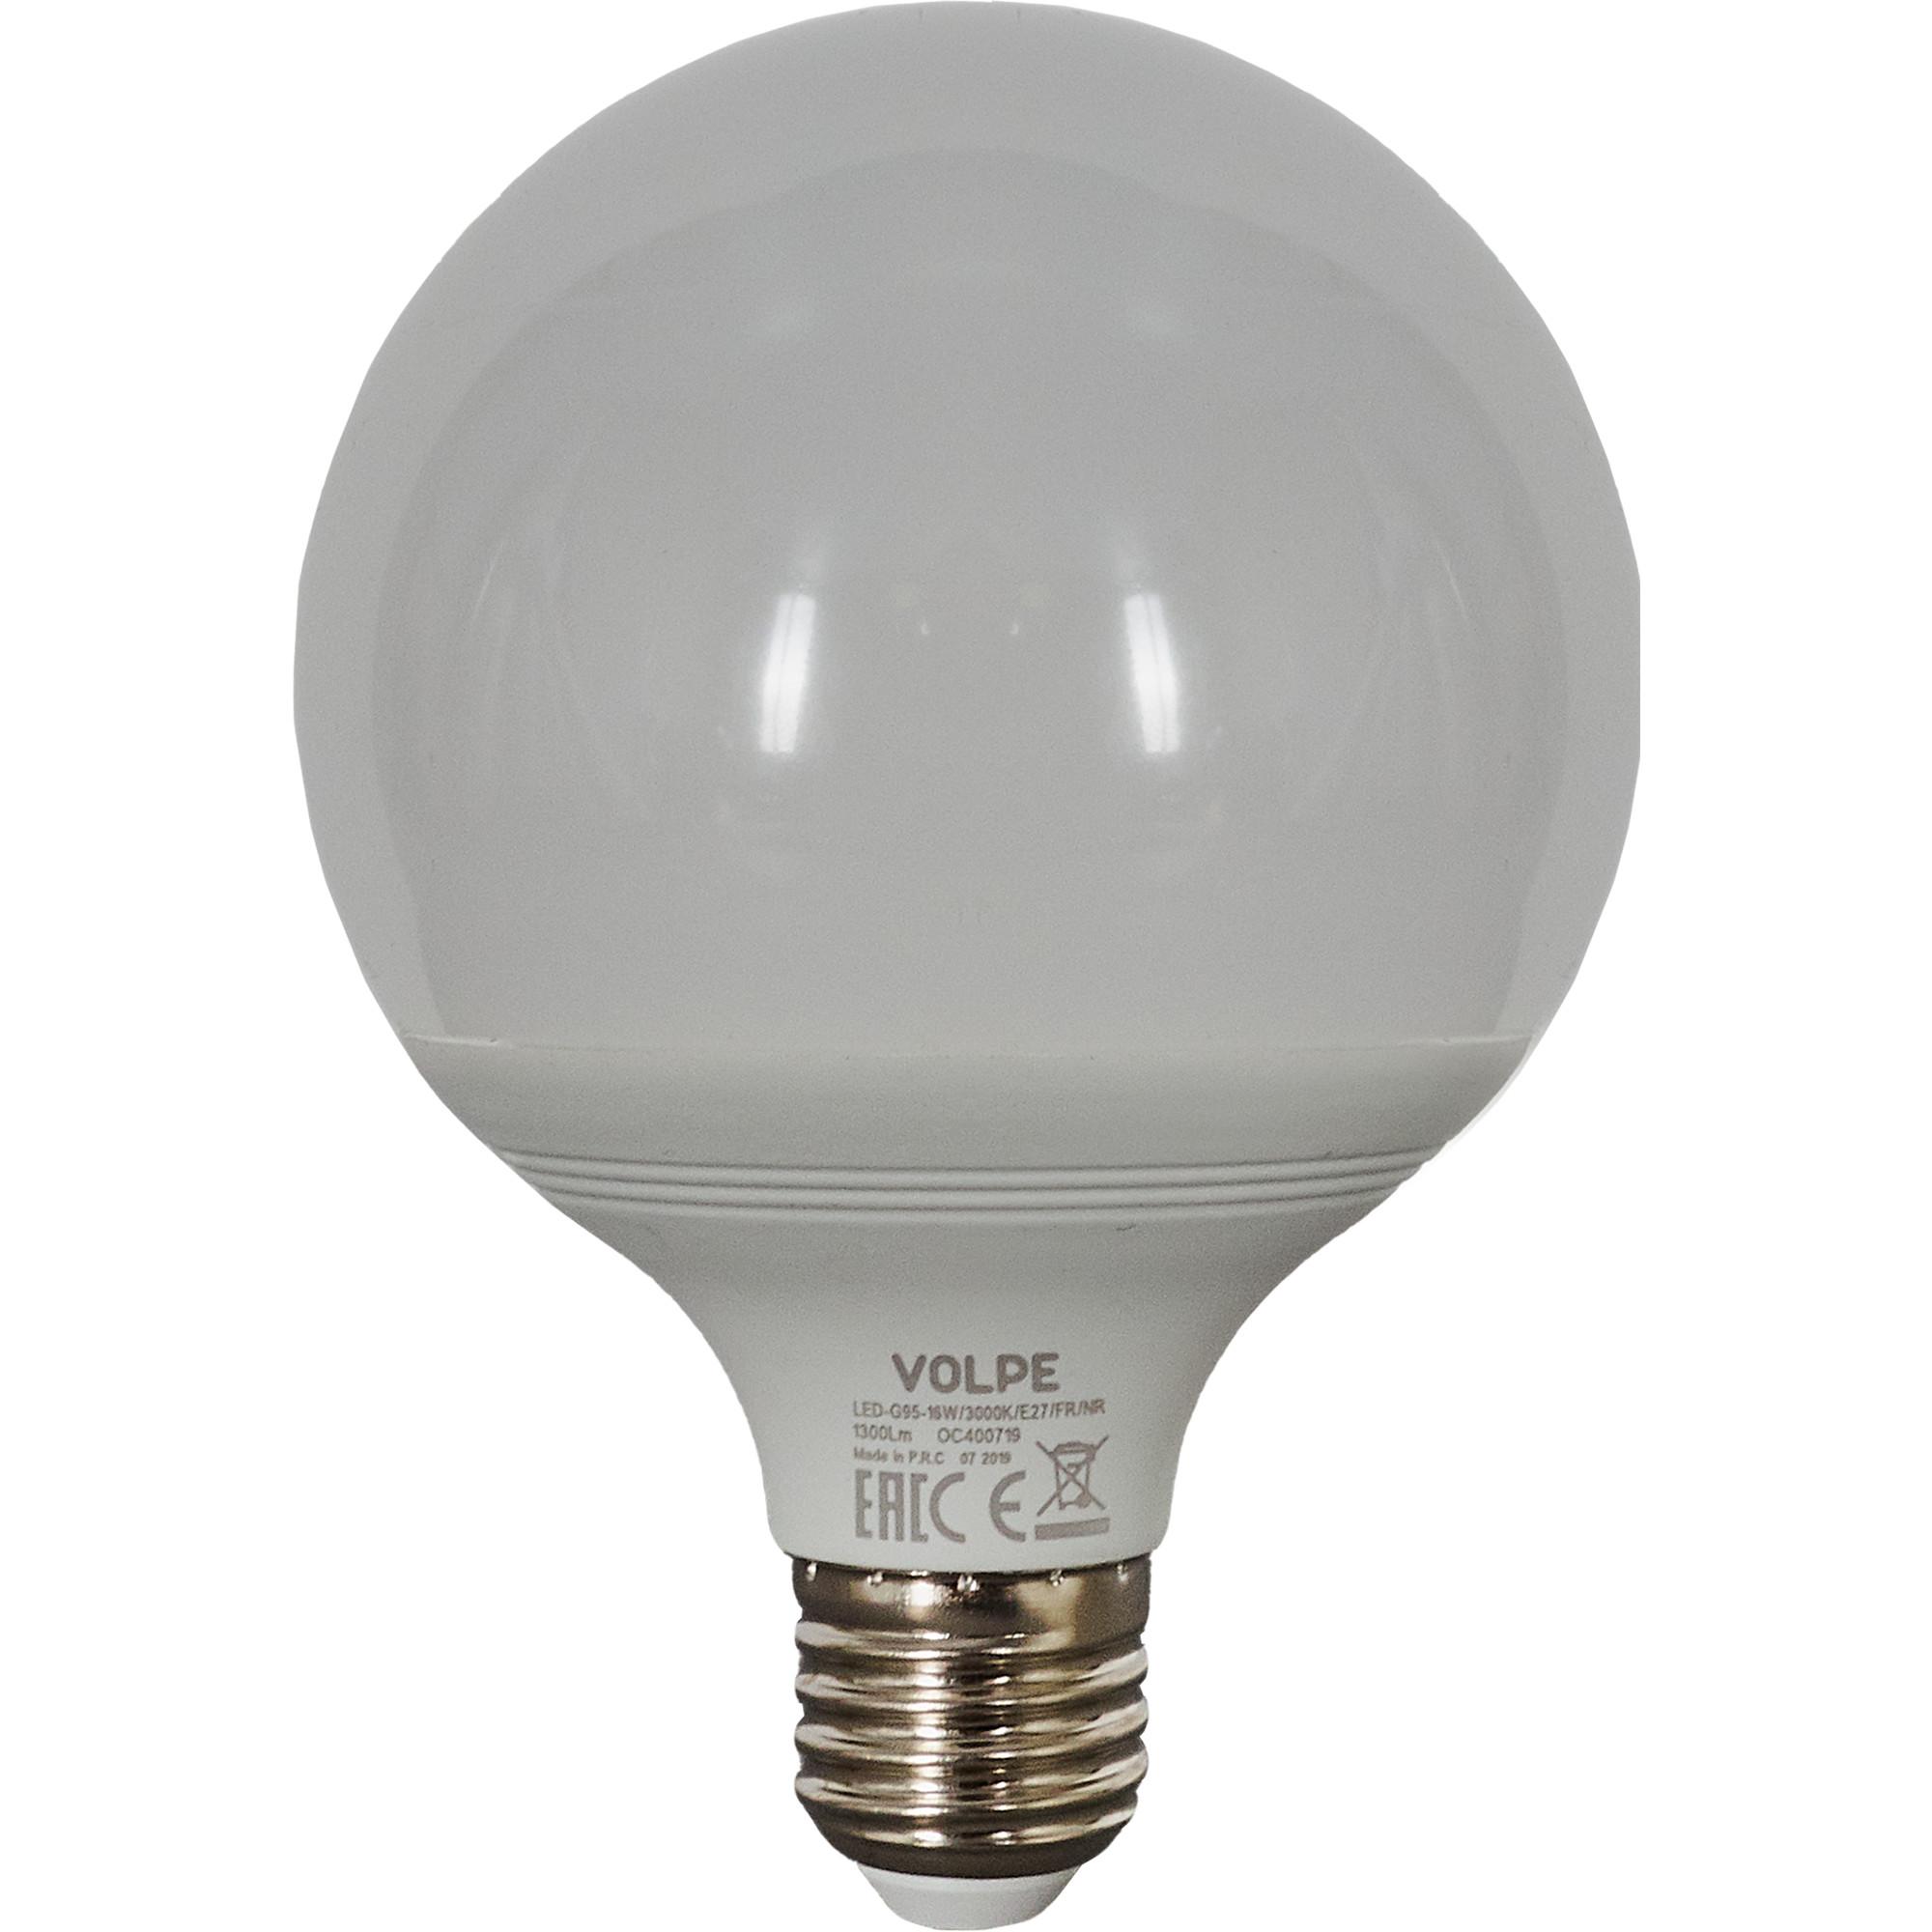 Лампа светодиодная Volpe Norma E27 220 В 16 Вт шар 1300 лм тёплый белый свет